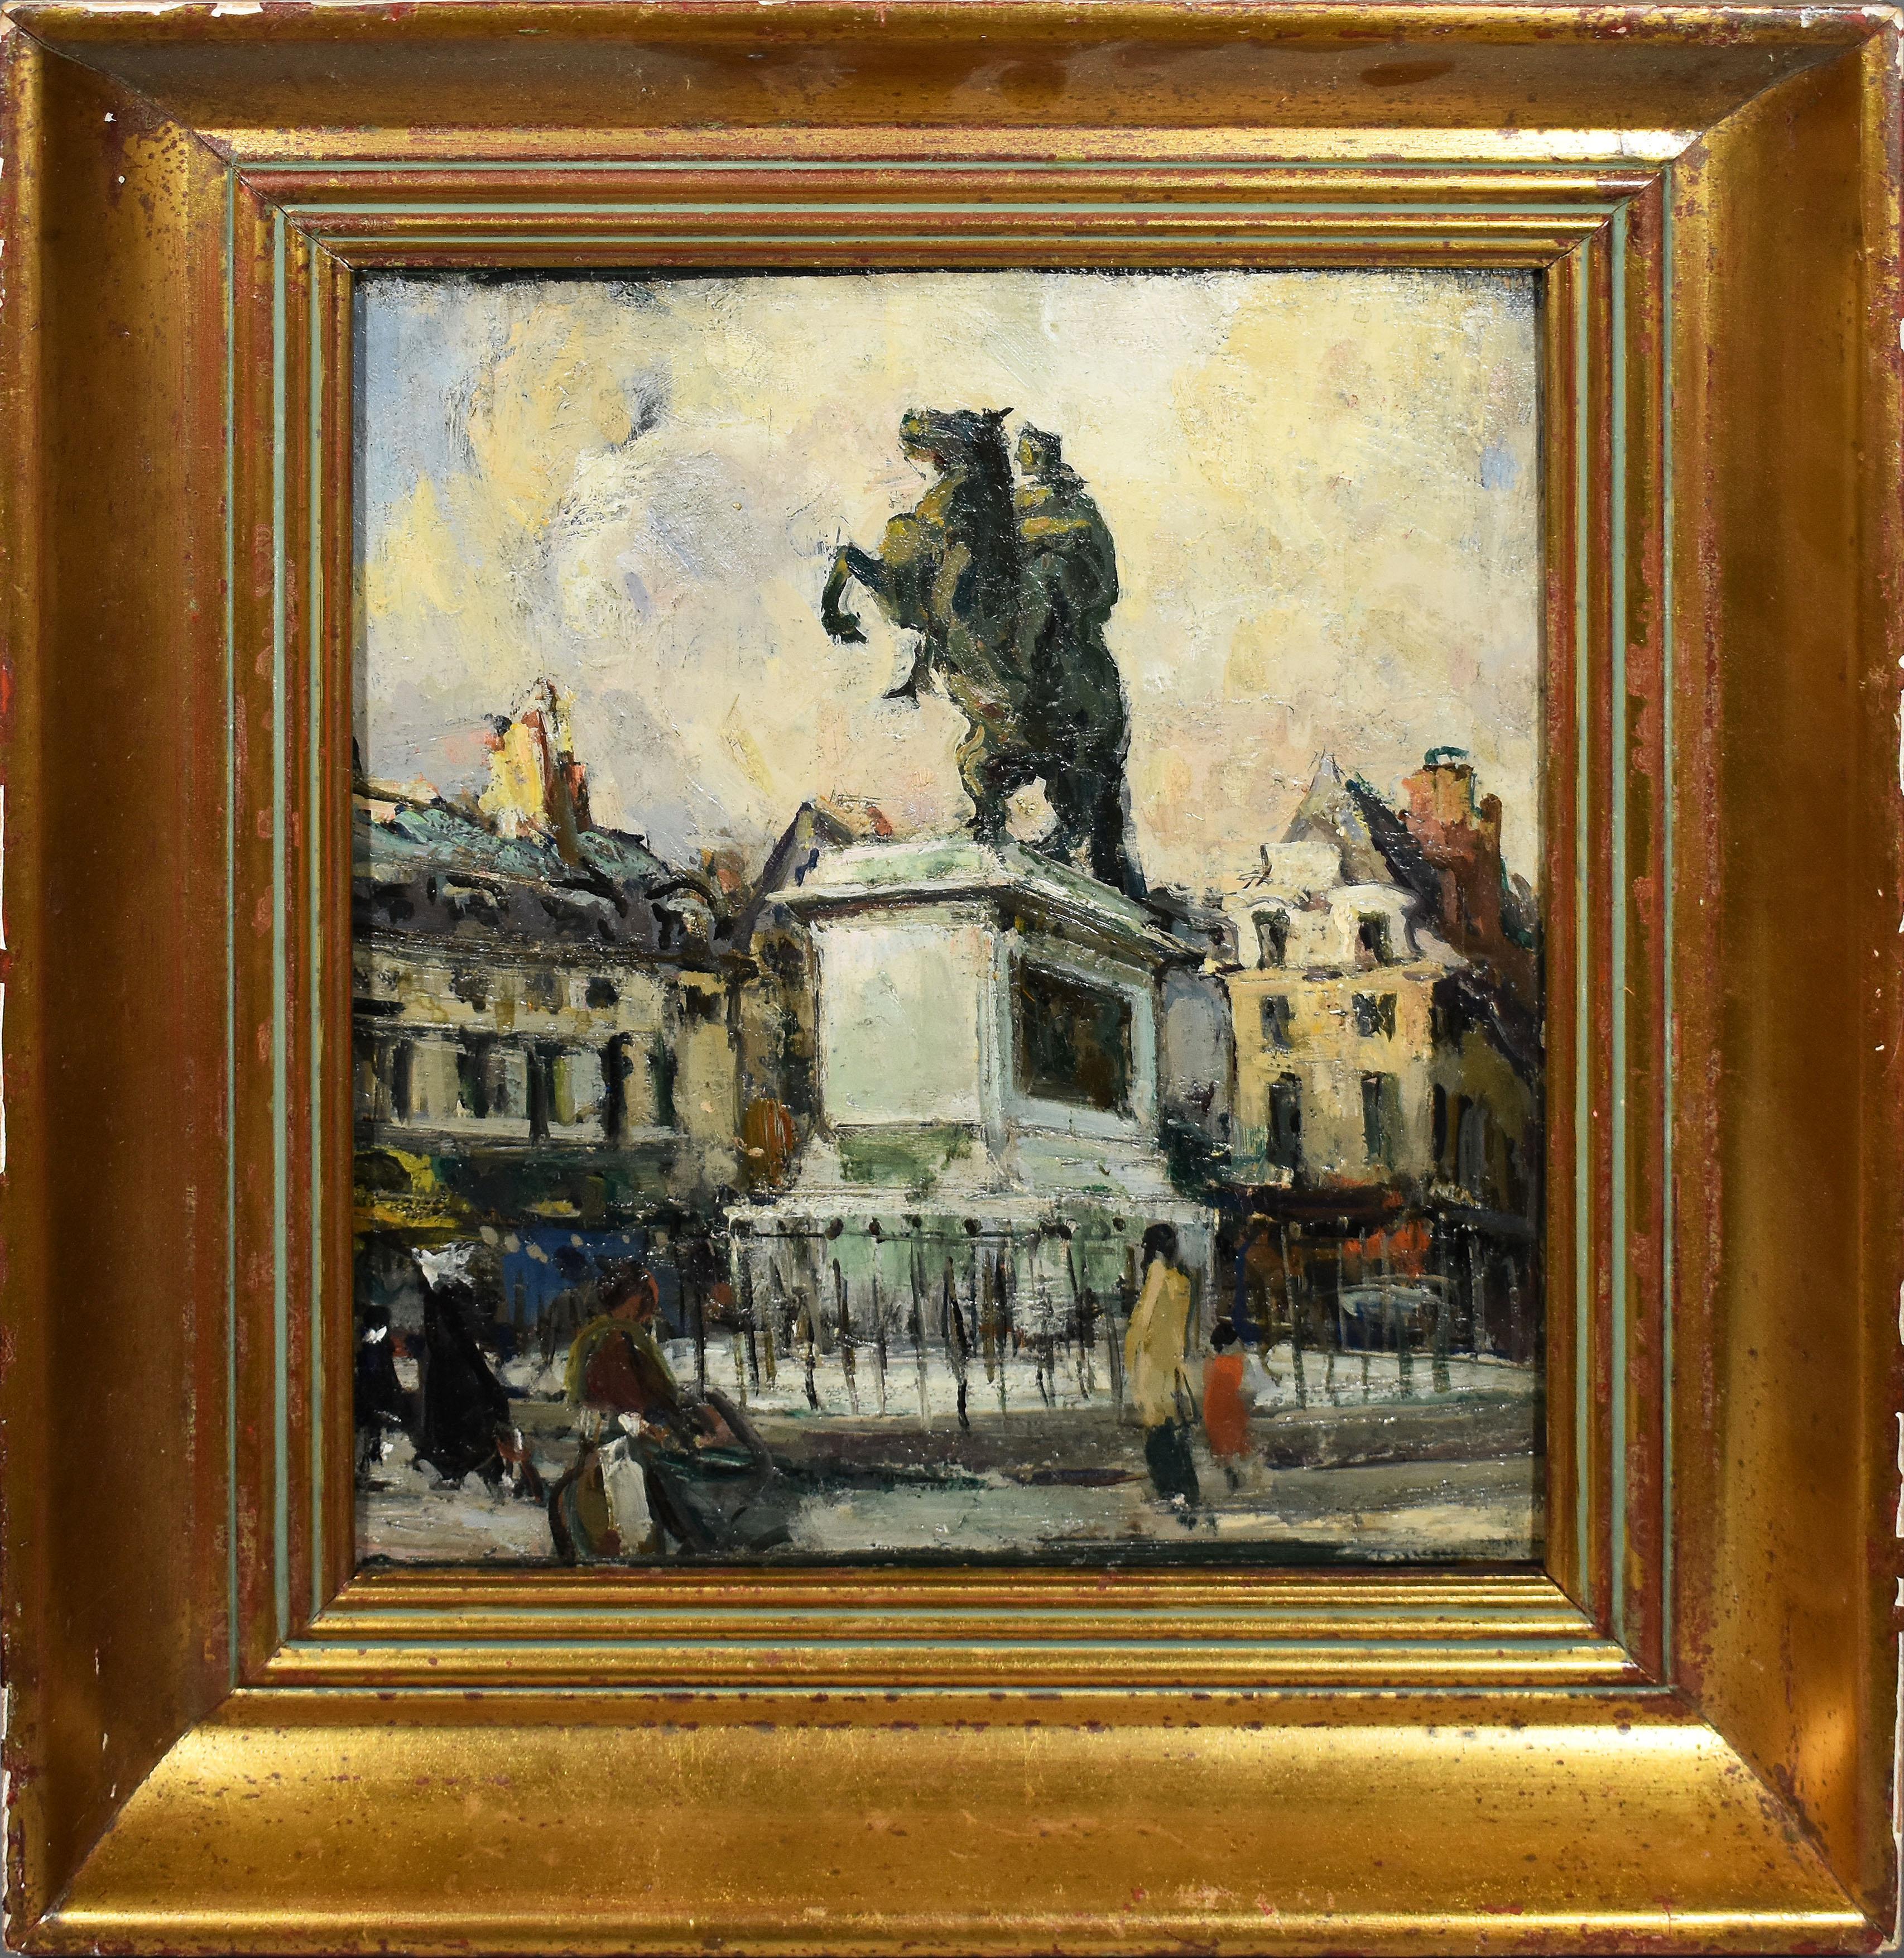 Antique Impressionist Paris Cityscape Signed Original Street Scene Oil Painting